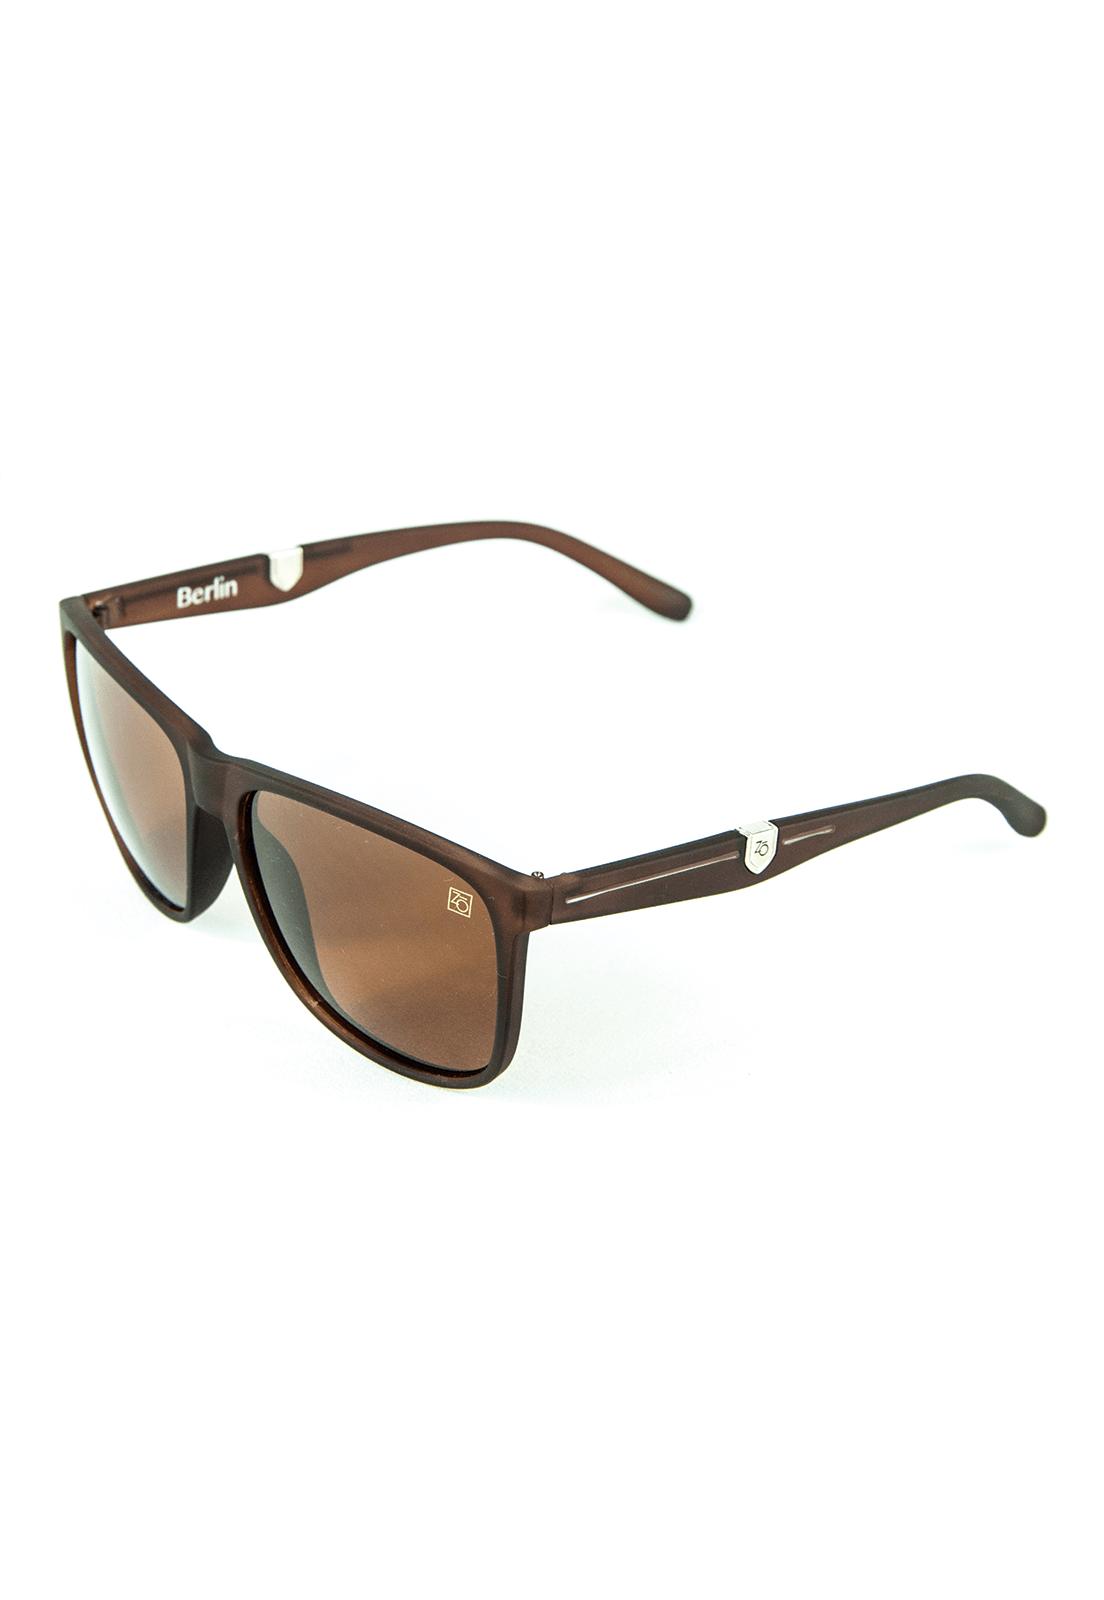 Óculos de Sol Polarizado Zabô Berlin Marrom